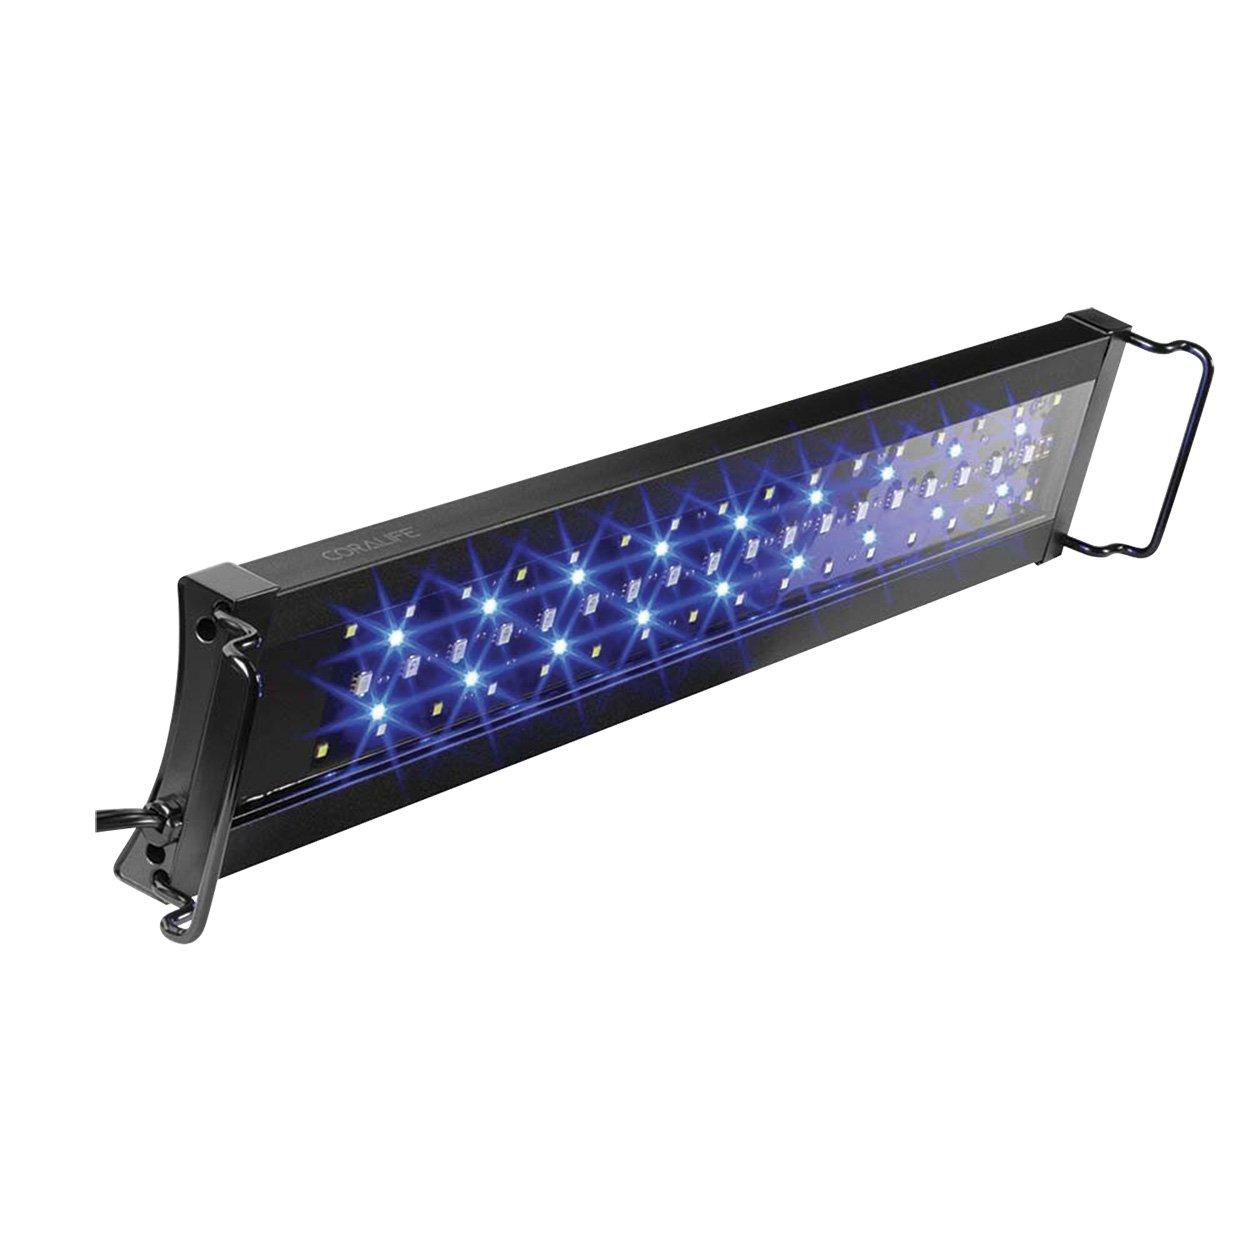 Coralife 13759 Aqua Light S LED Aquarium Light Fixture, 18'' x 24''